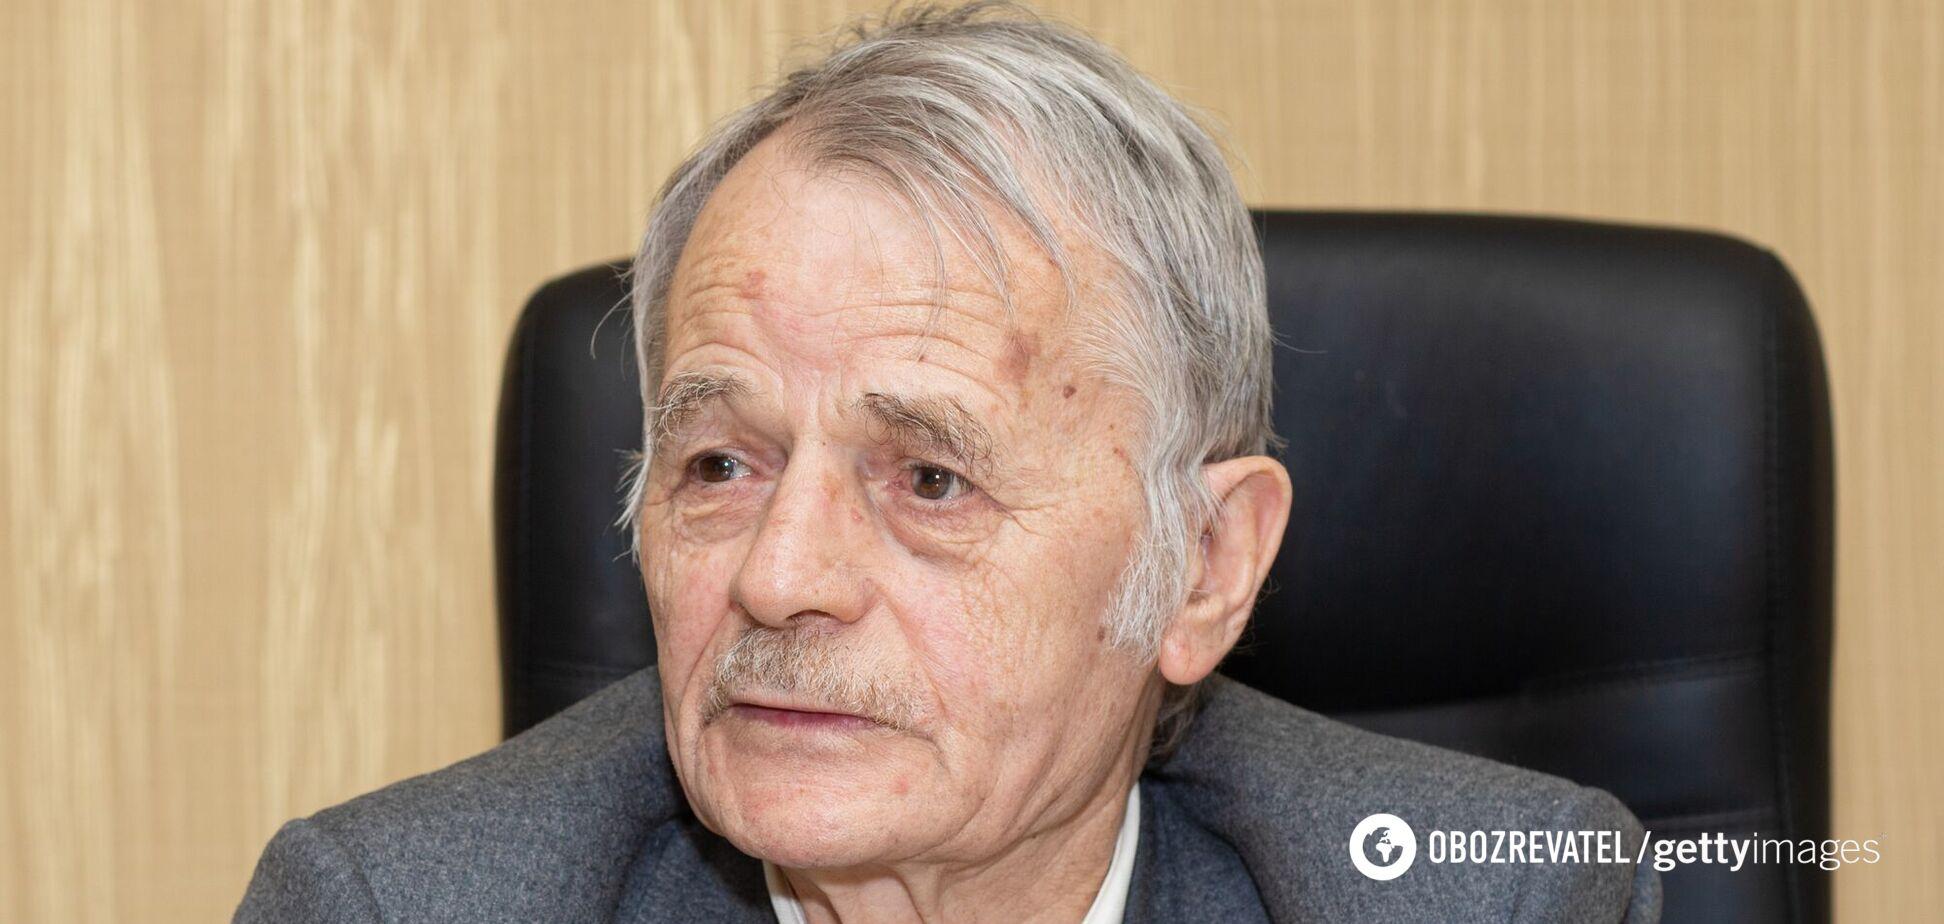 Джемилев: Россия угрожает и шантажирует страны-участницы 'Крымской платформы'